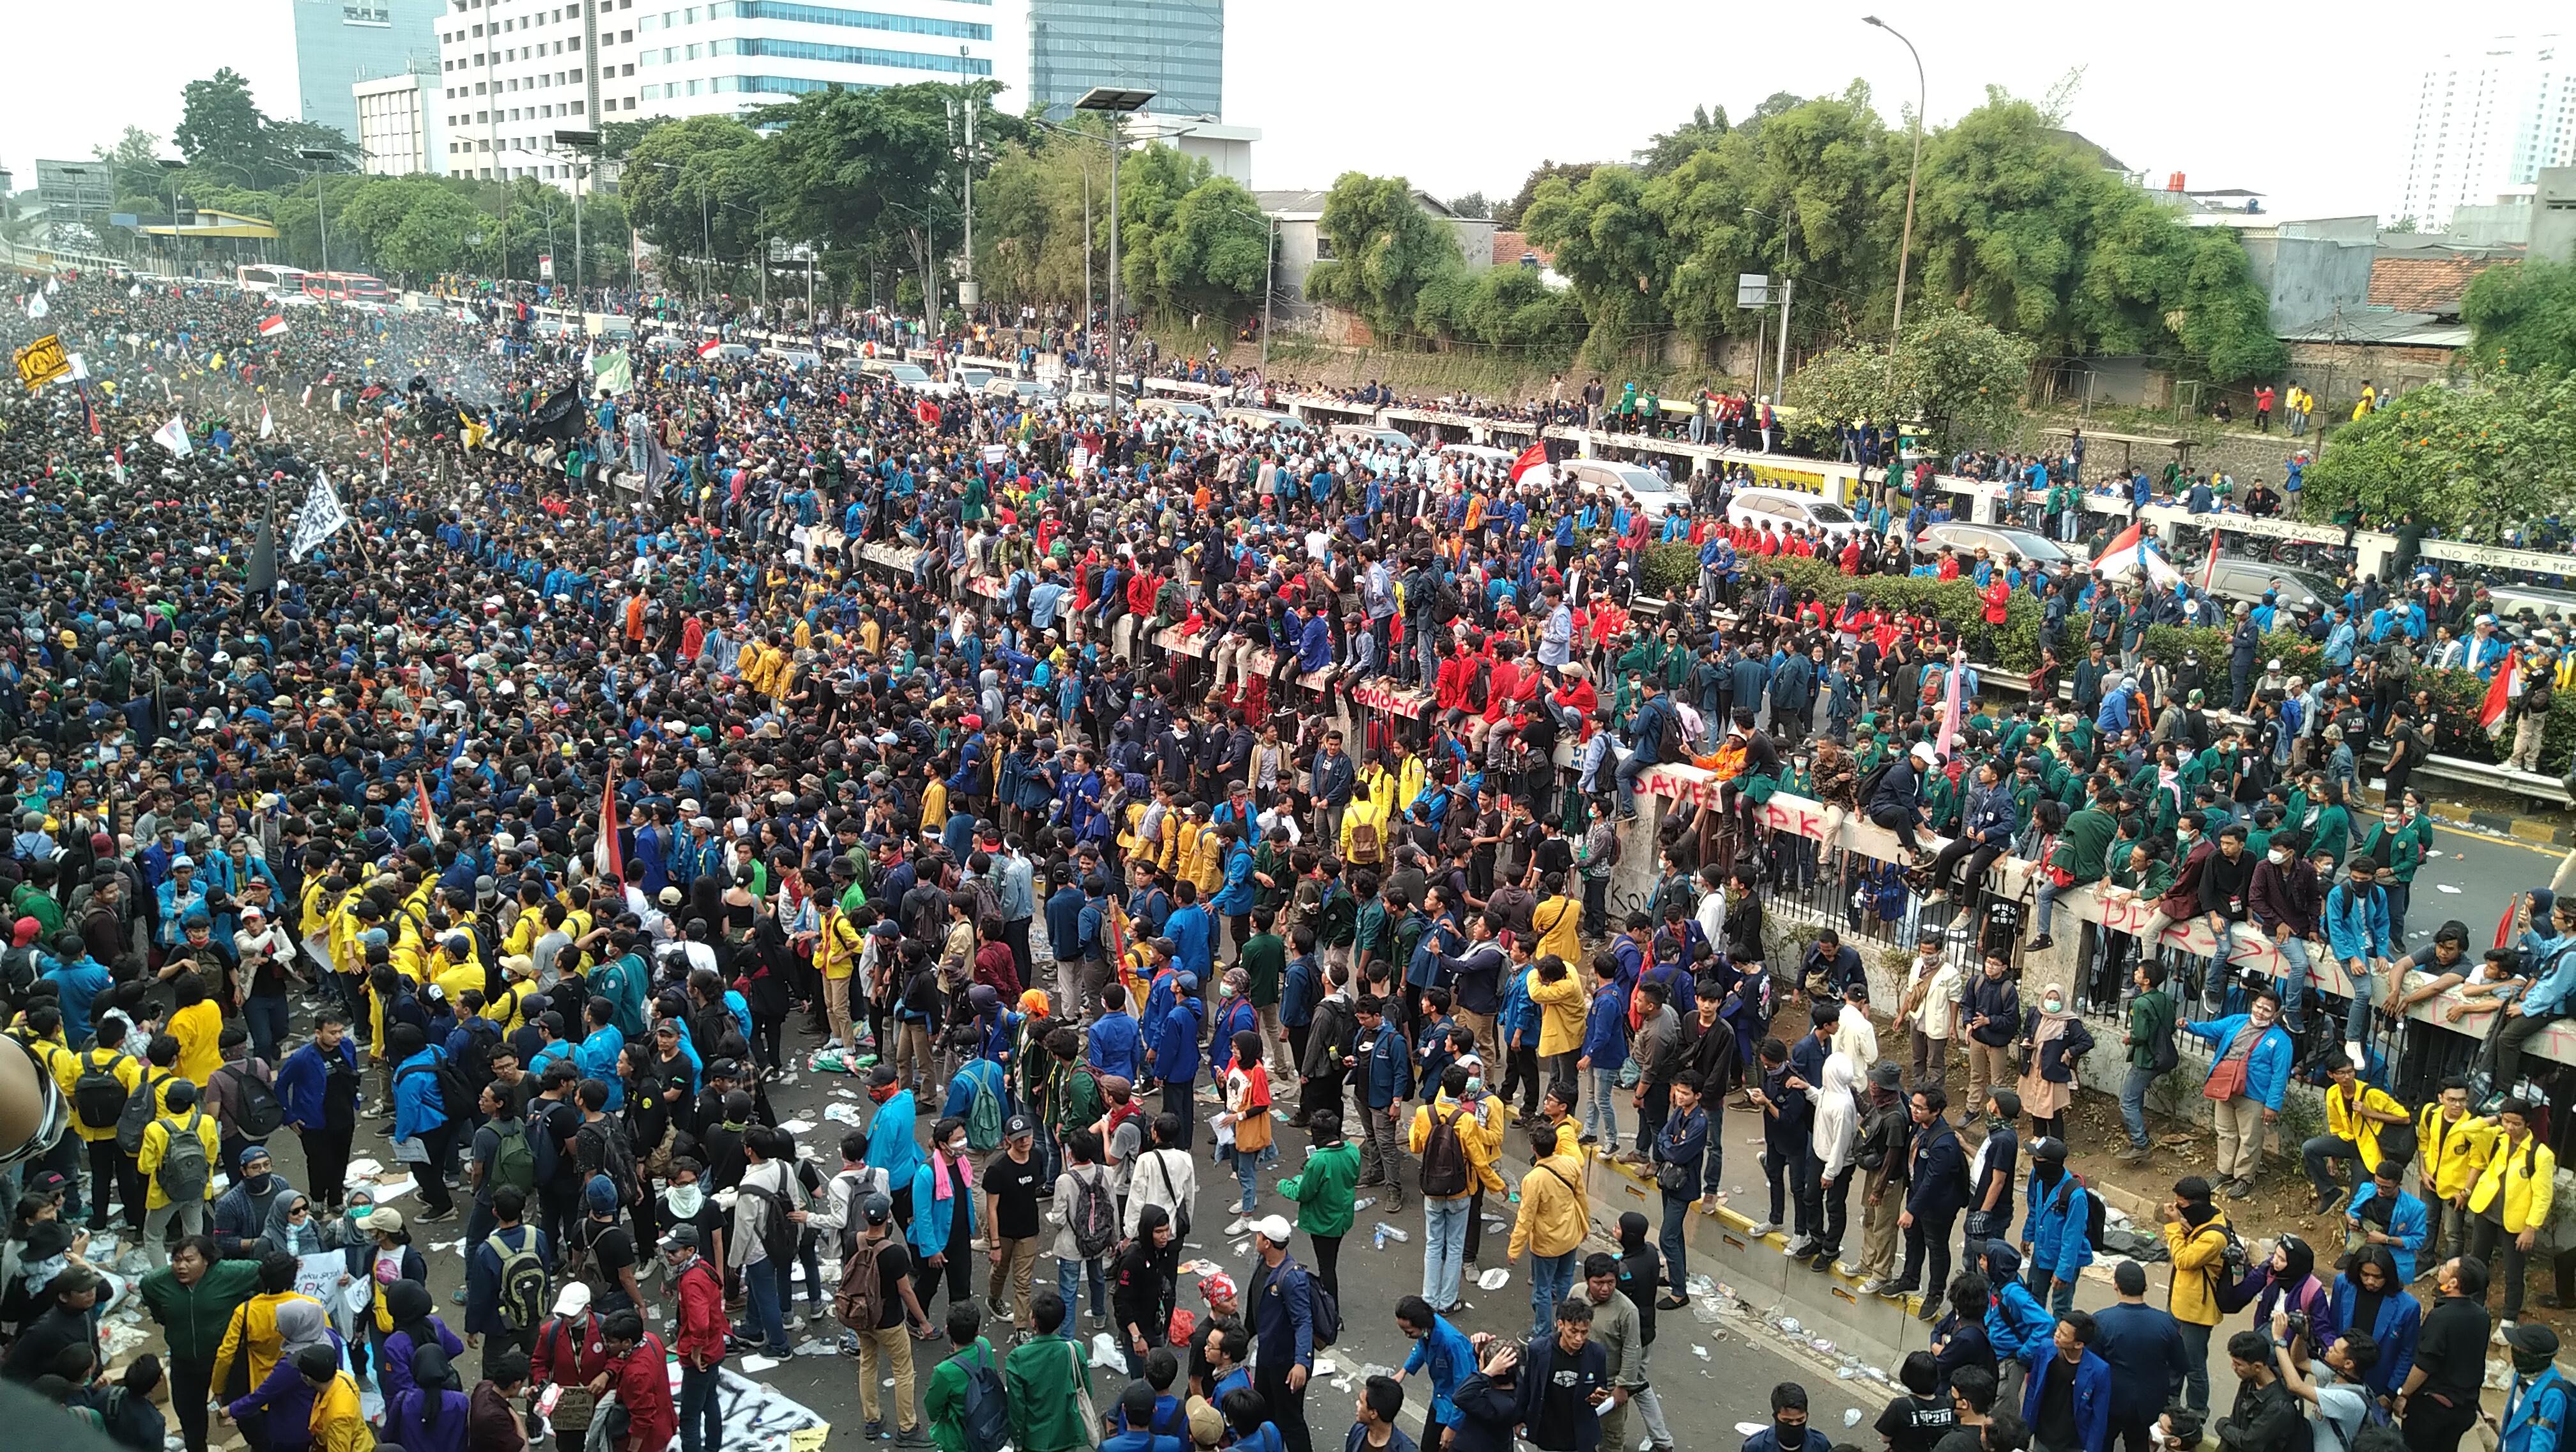 Unjuk rasa dan kerusuhan Indonesia September 2019 - Wikipedia bahasa Indonesia, ensiklopedia bebas